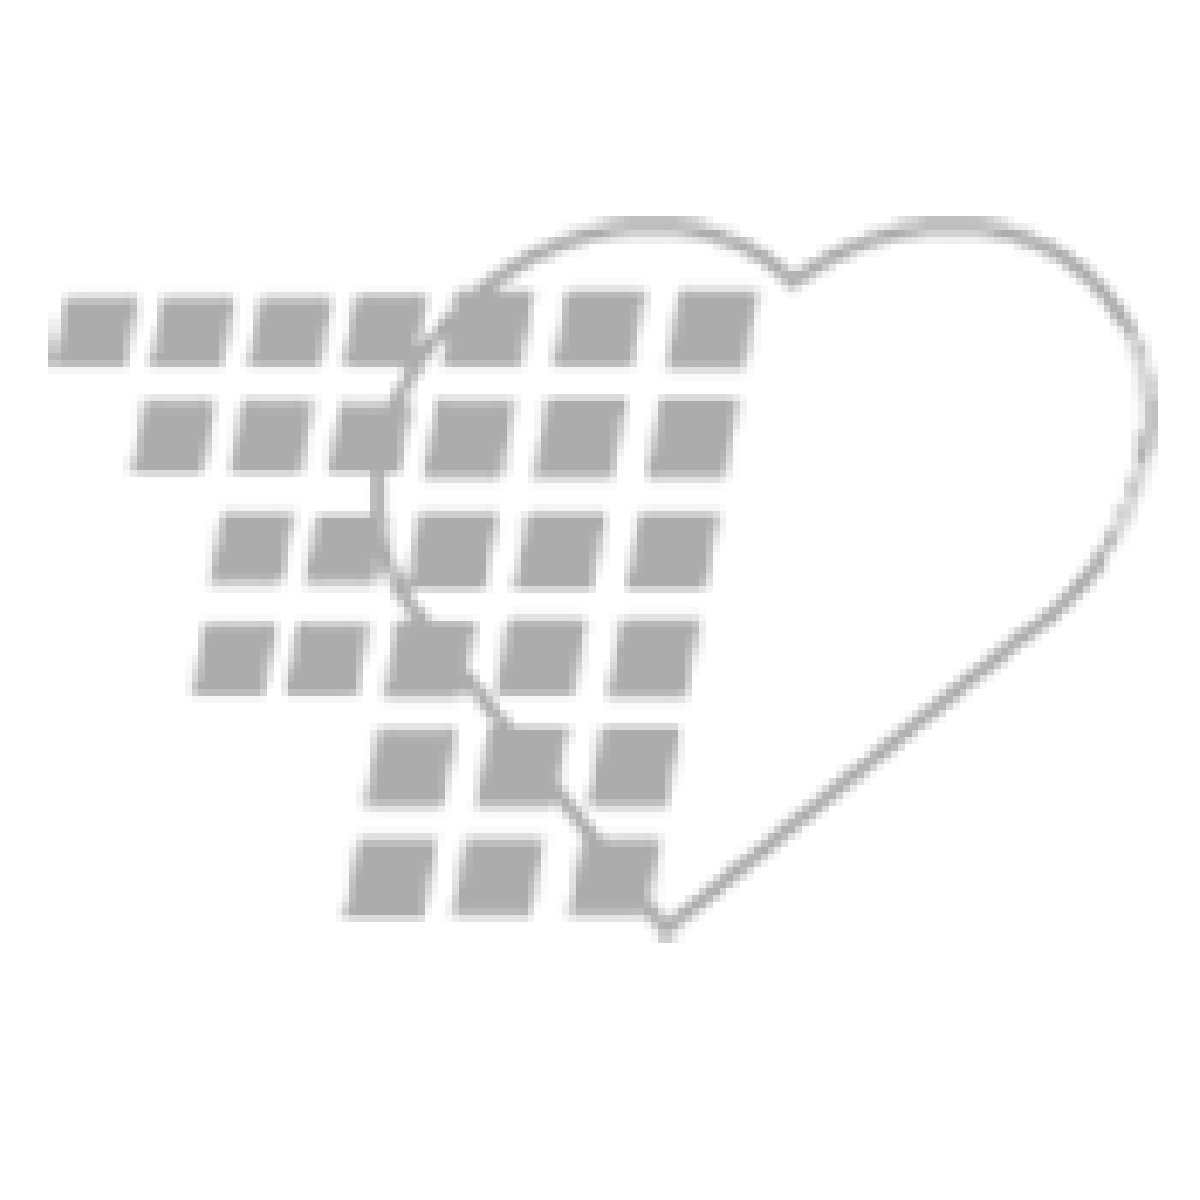 06-93-4103 Demo Dose® NovoSevn 10 mg/10 mL